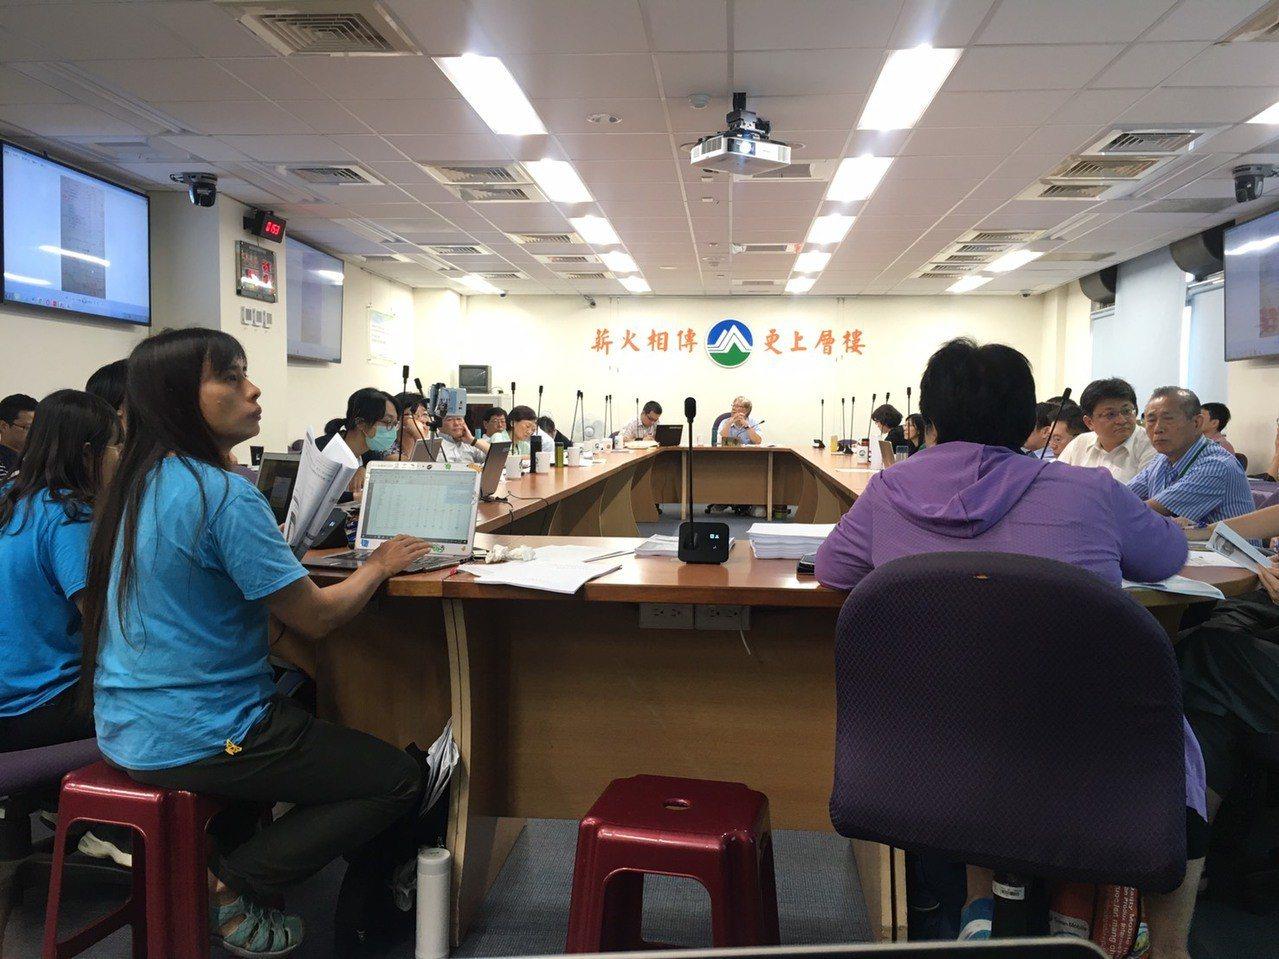 環保署專案小組今天審議彰化二林精密機械產業園區開發計畫。記者吳姿賢/攝影